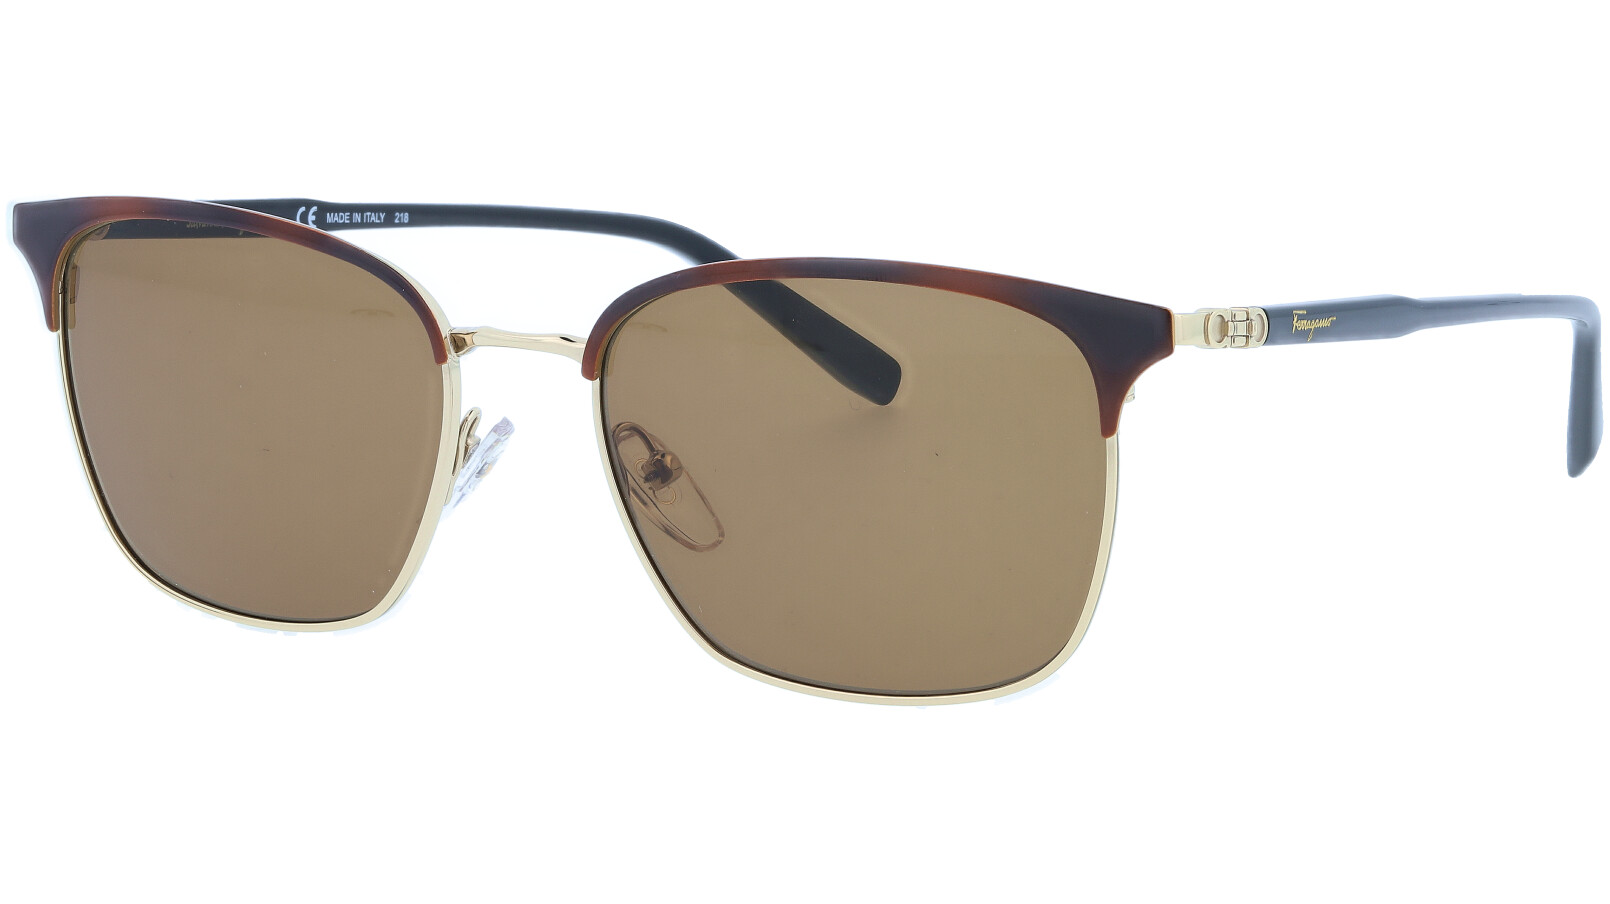 SALVATORE FERRAGAMO SF180S 271 54 TORTOISE Sunglasses